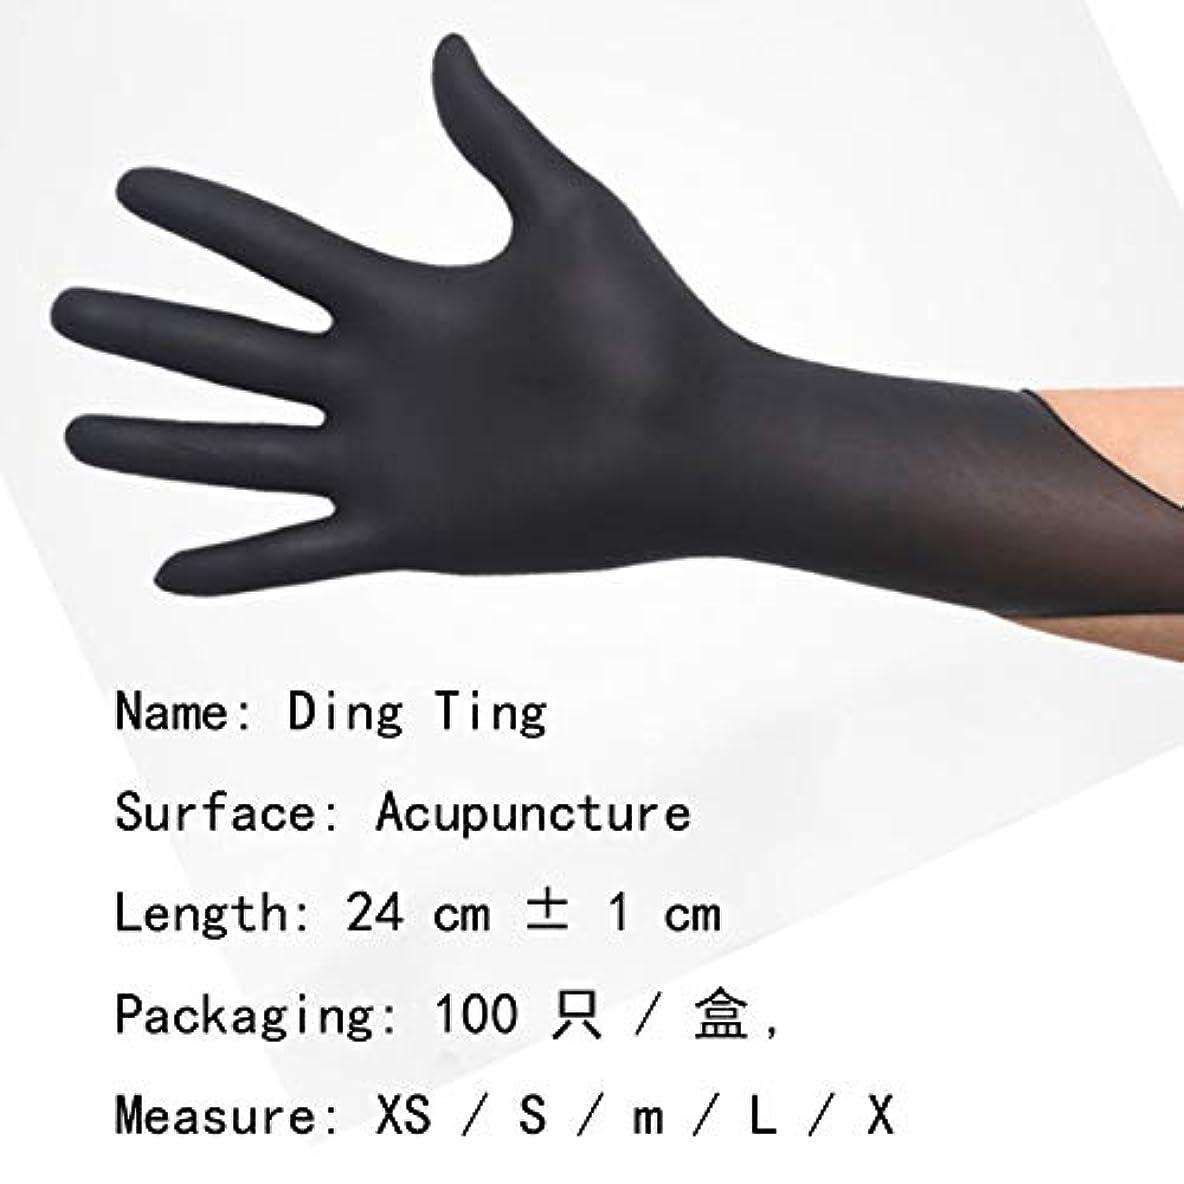 喪経験率直なニトリル手袋黒ニトリル4ミル厚使い捨て手袋×ラージケース100試験医療用ラテックスフリーブラックM-L食品、工業用、クリーニング (Size : L)